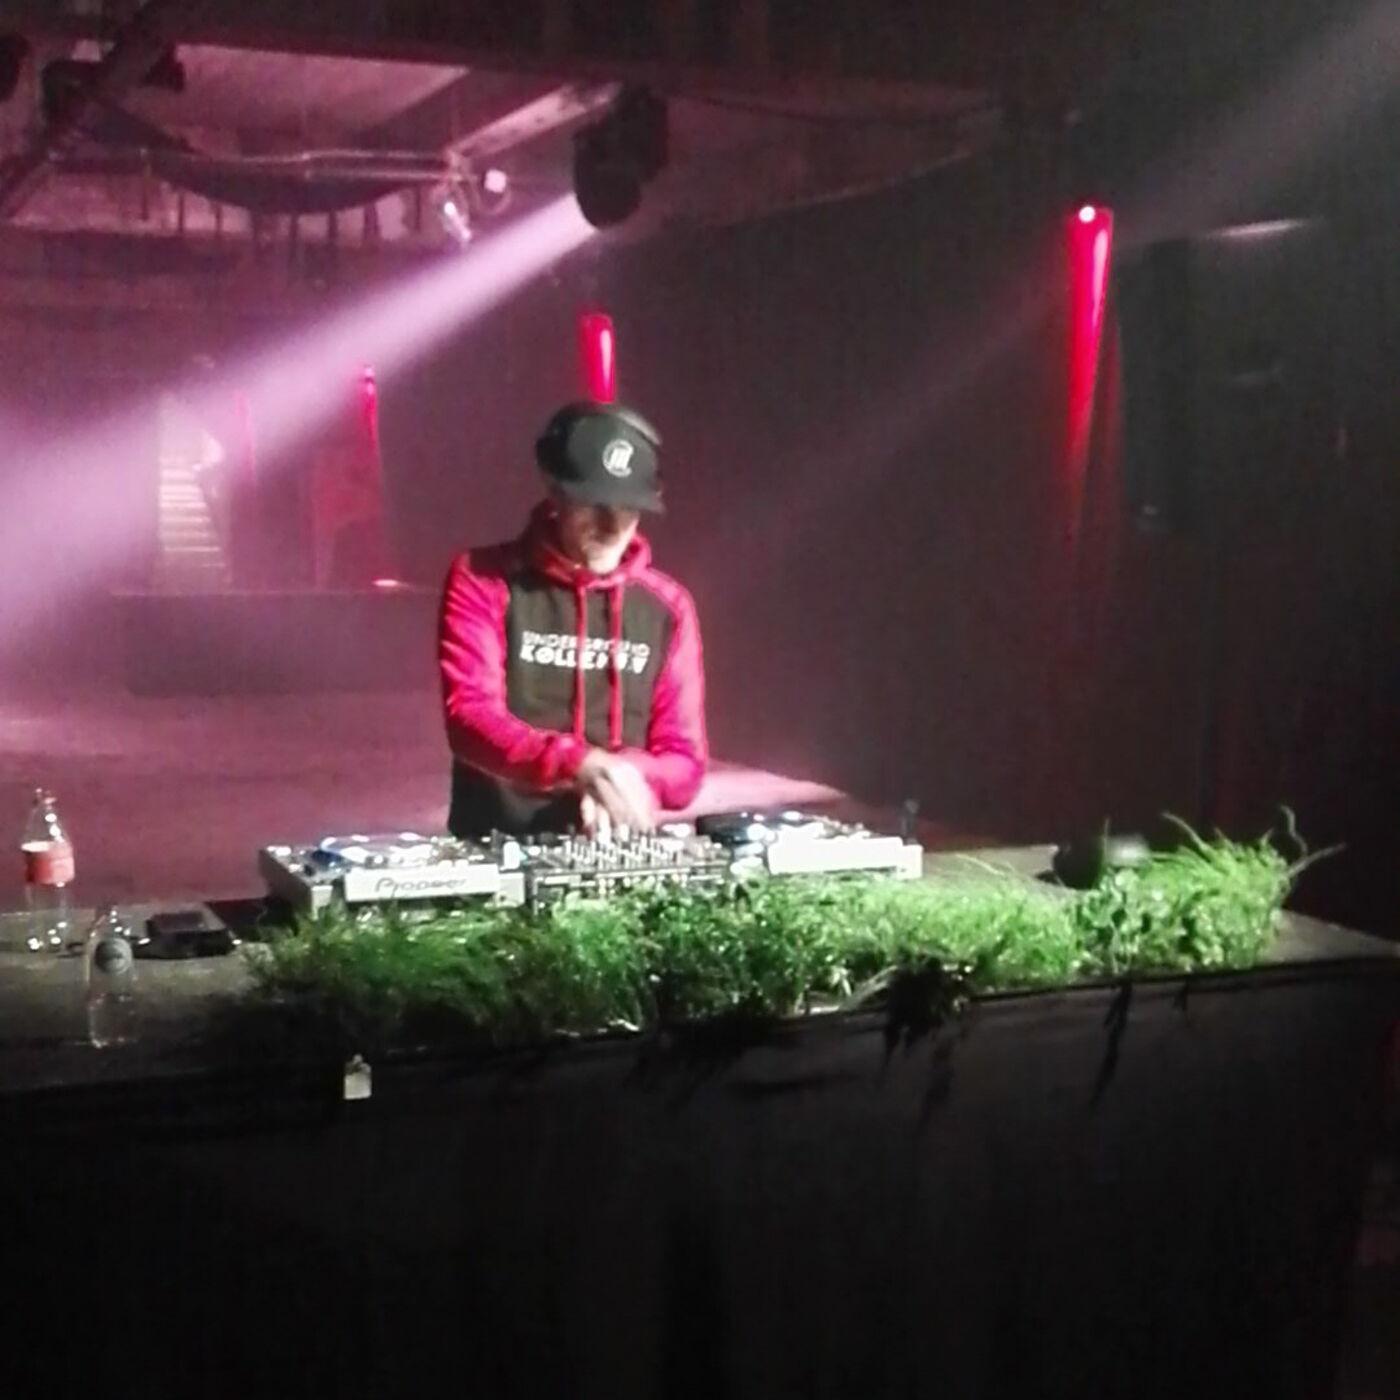 LIVE major K at UDGK x Klub Melk (Feb. 5, 2021)